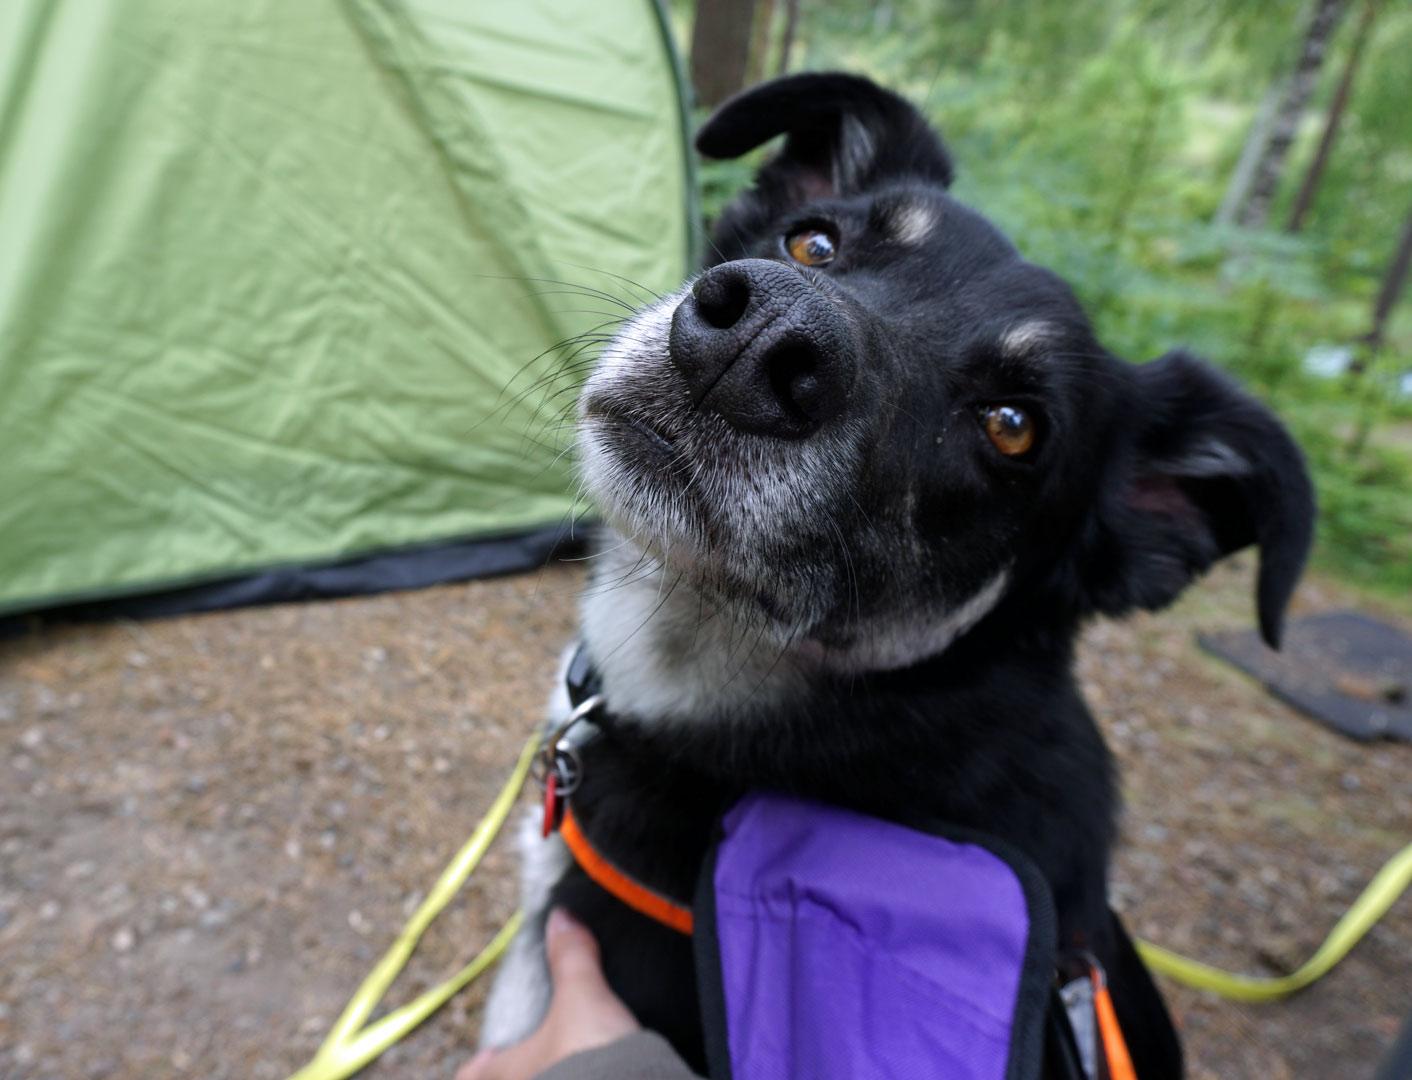 Nahaufnahme: Mein Hund Alex schaut in die Kamera.